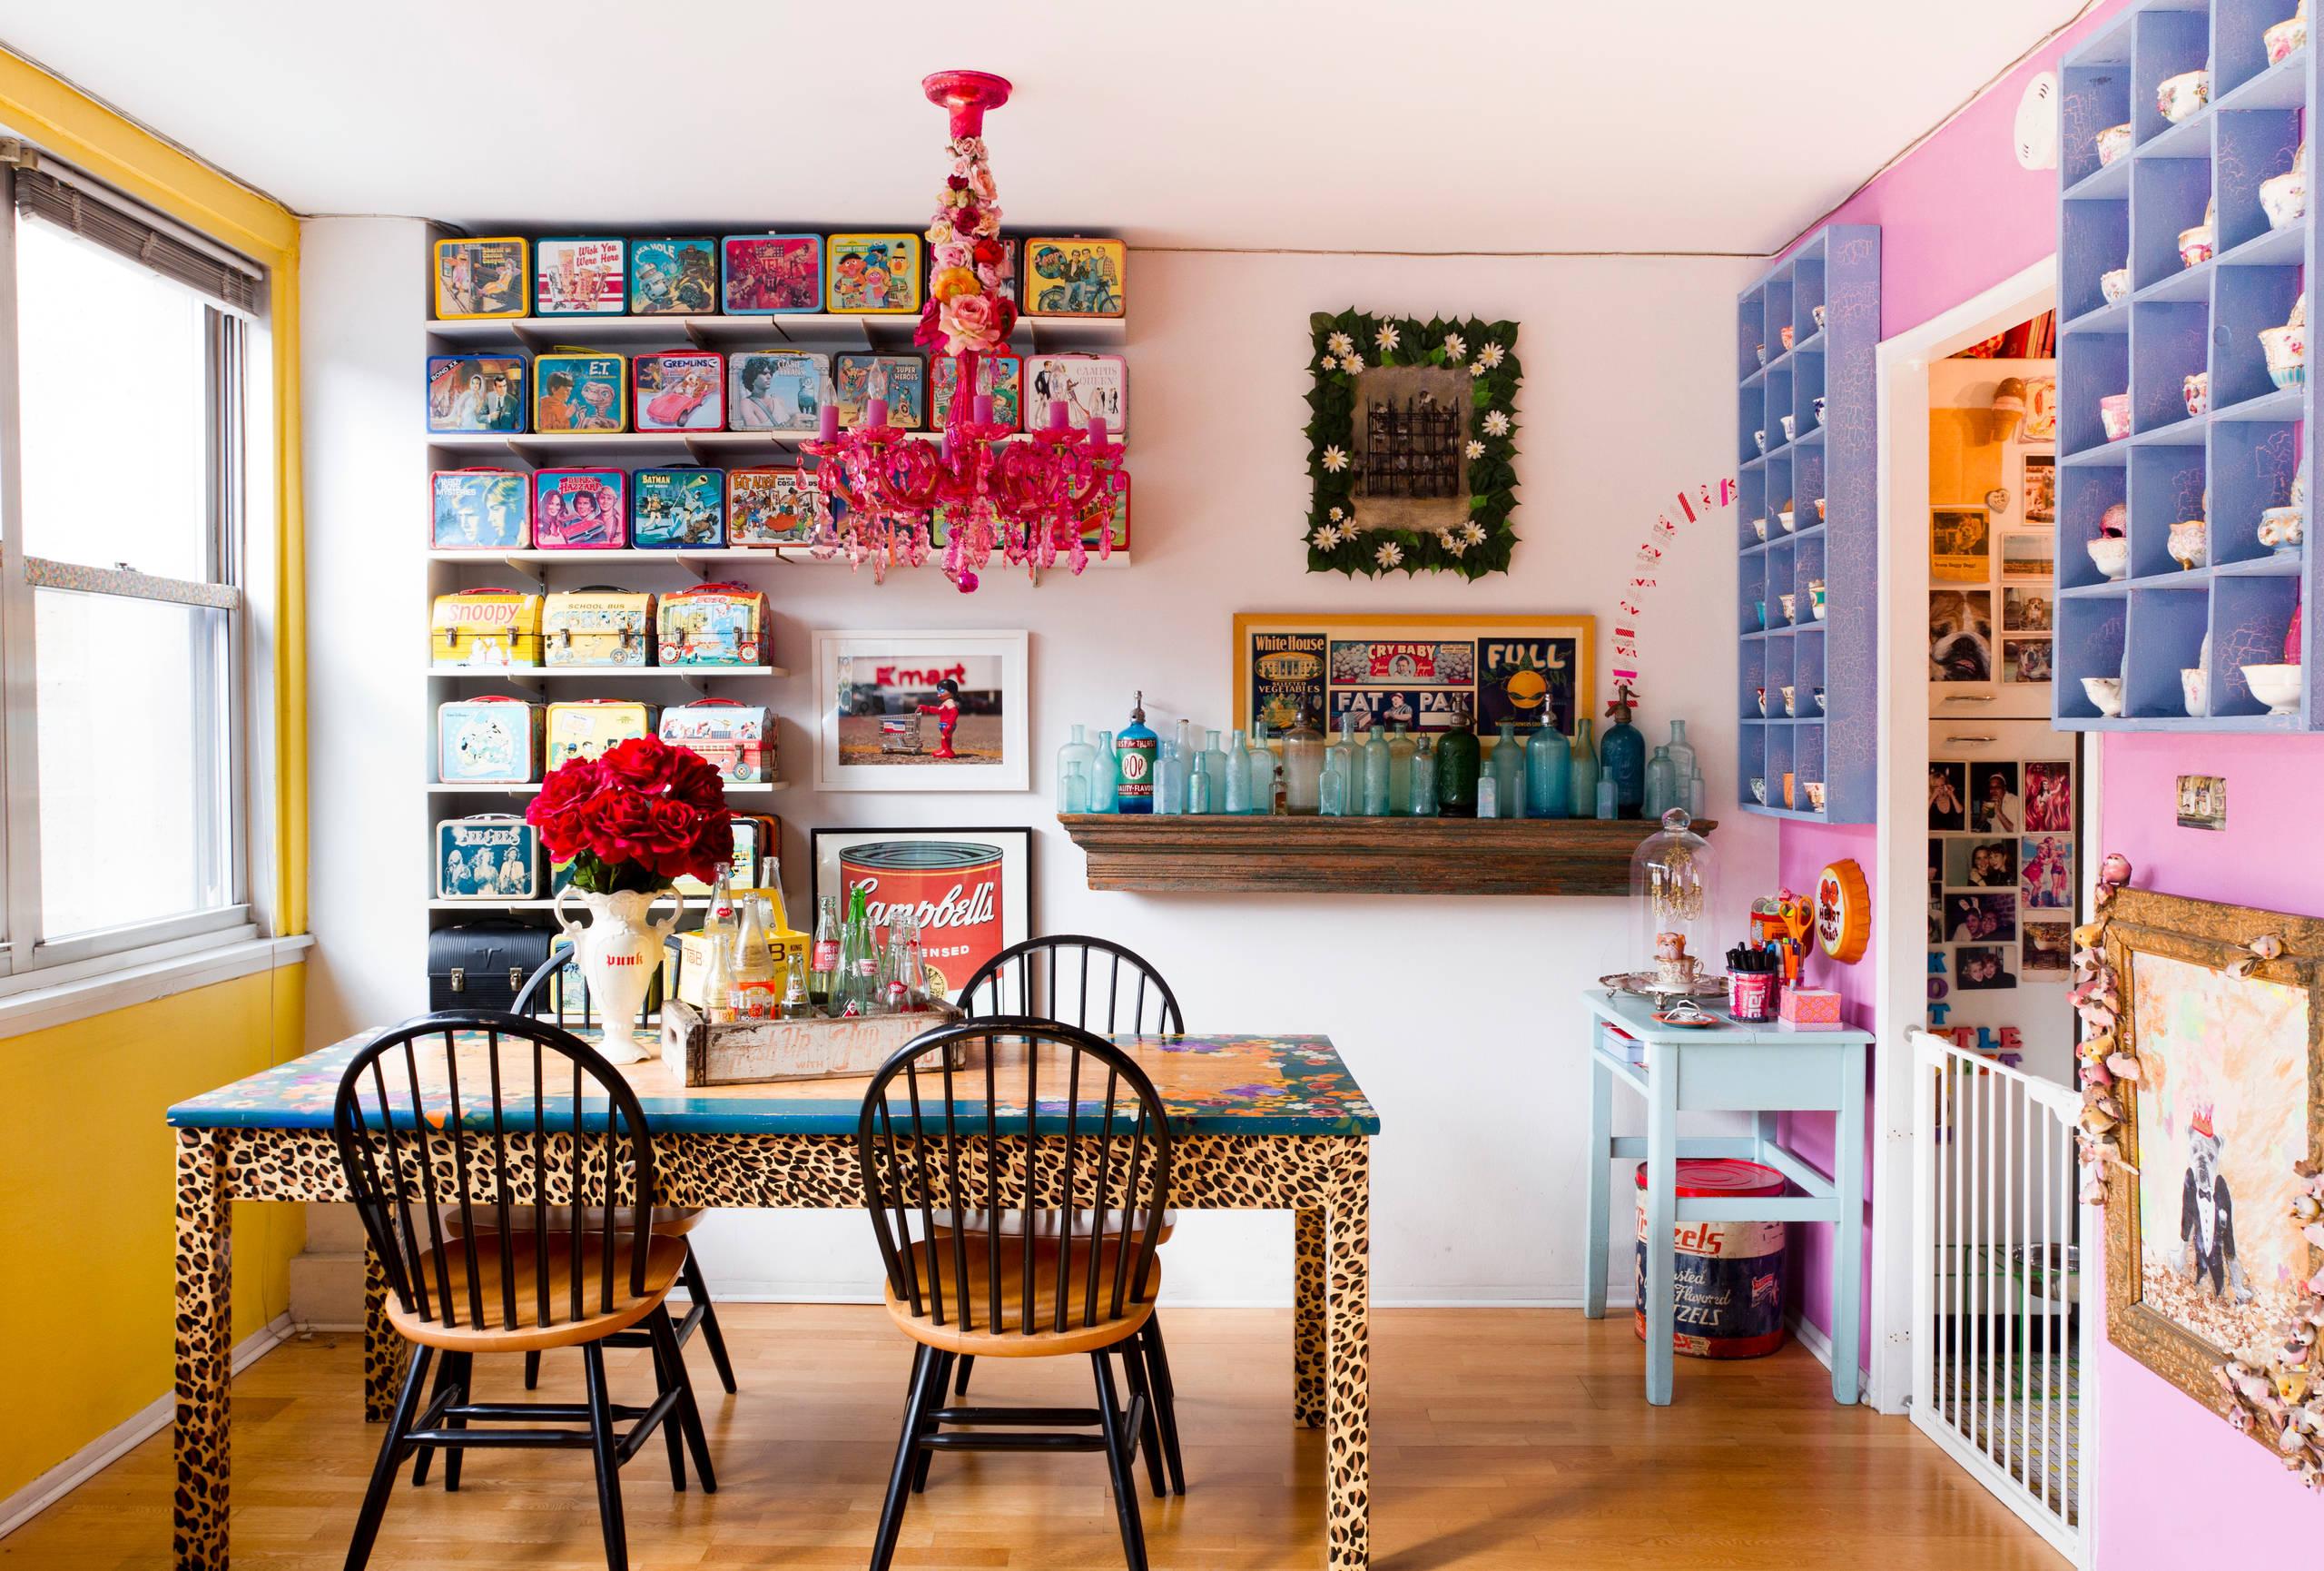 Яркий интерьер детской комнаты, оформленный в стиле ар-деко